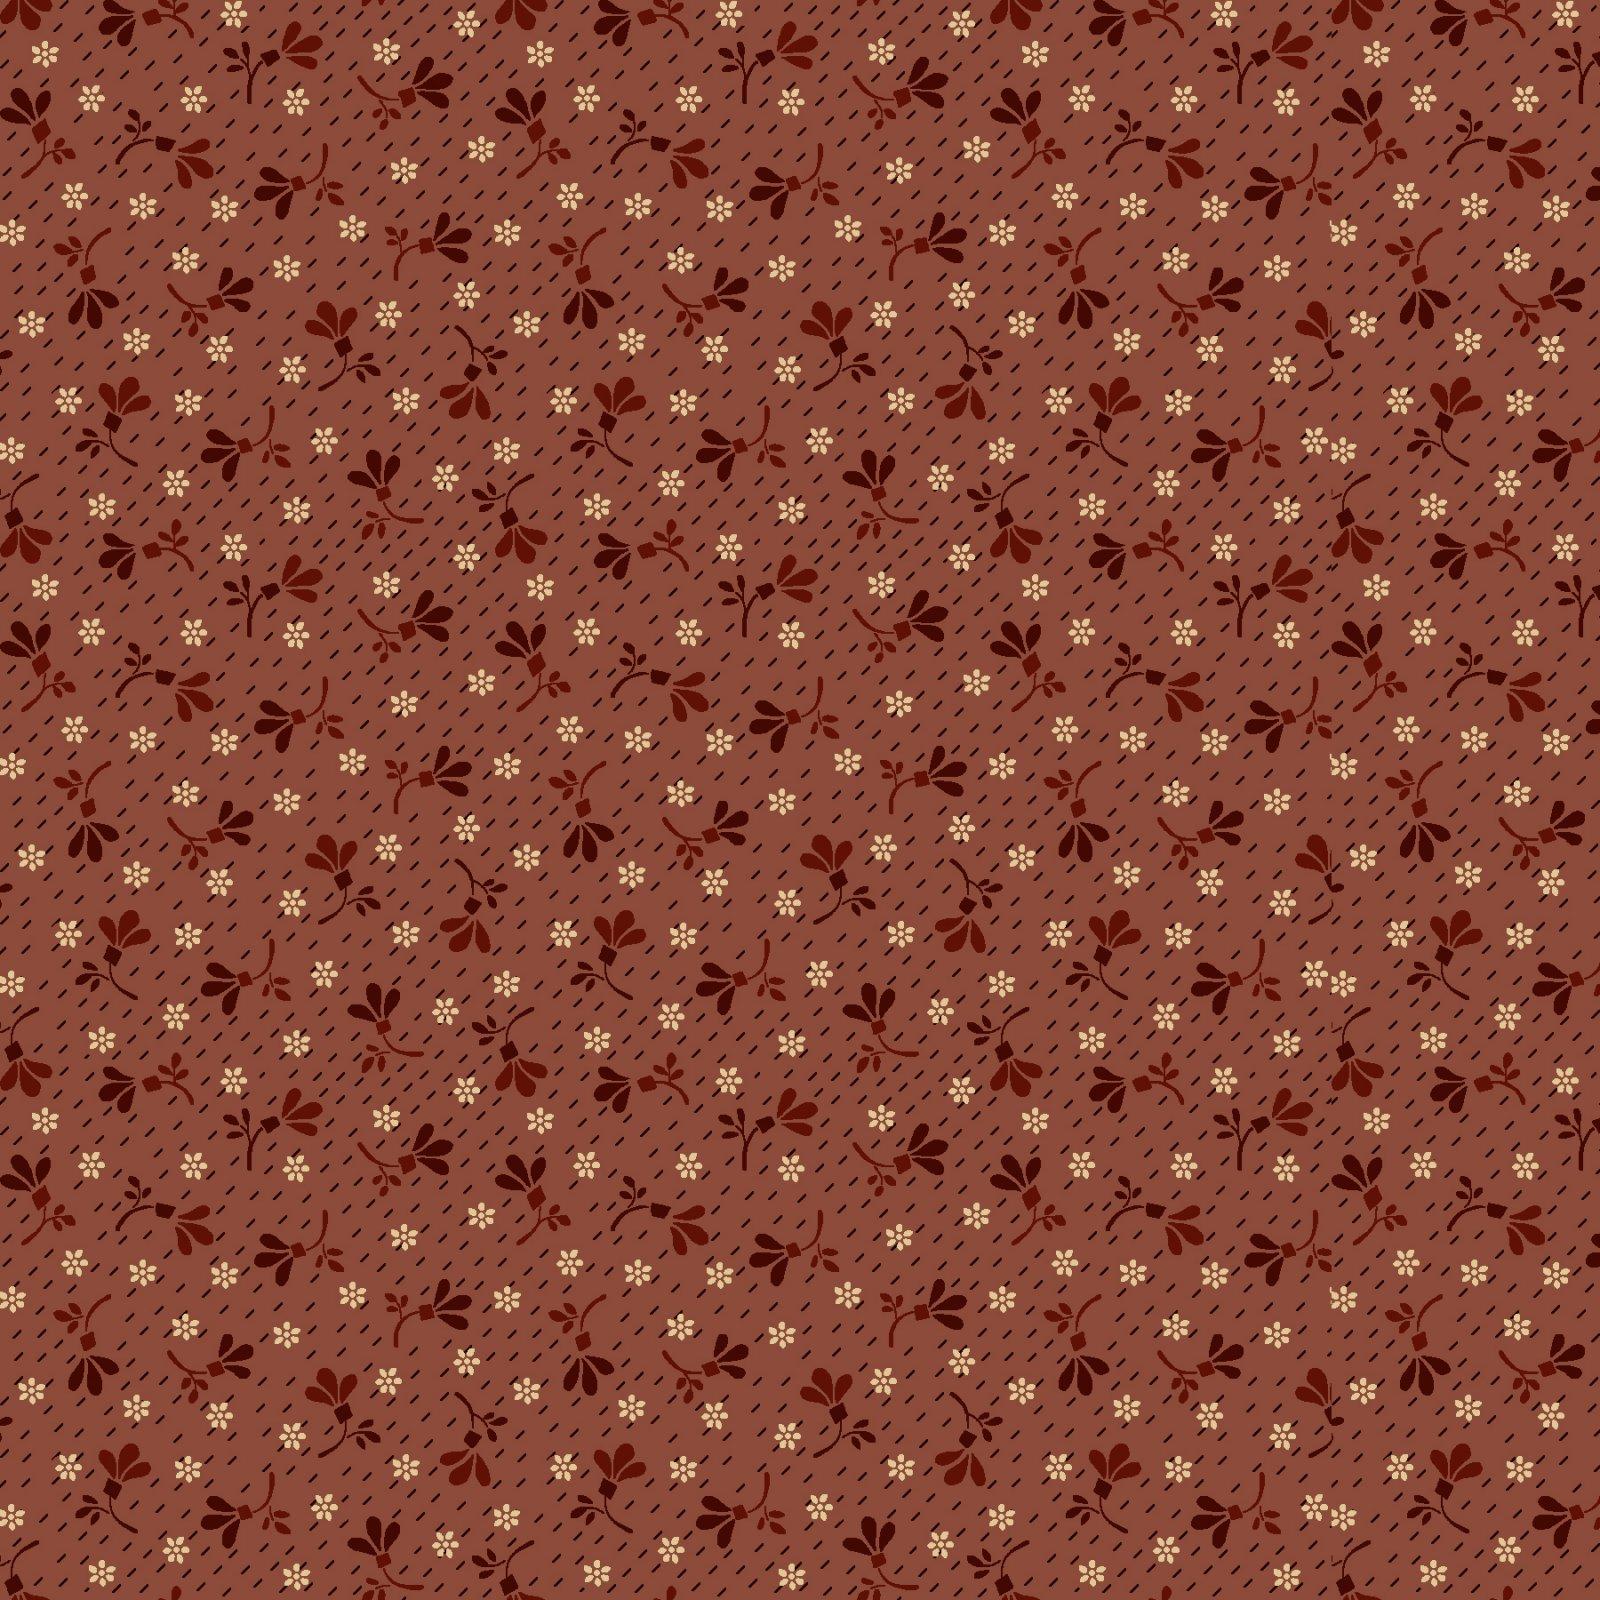 Buttermilk Blossoms  - 2108-22 * 1/2 yard